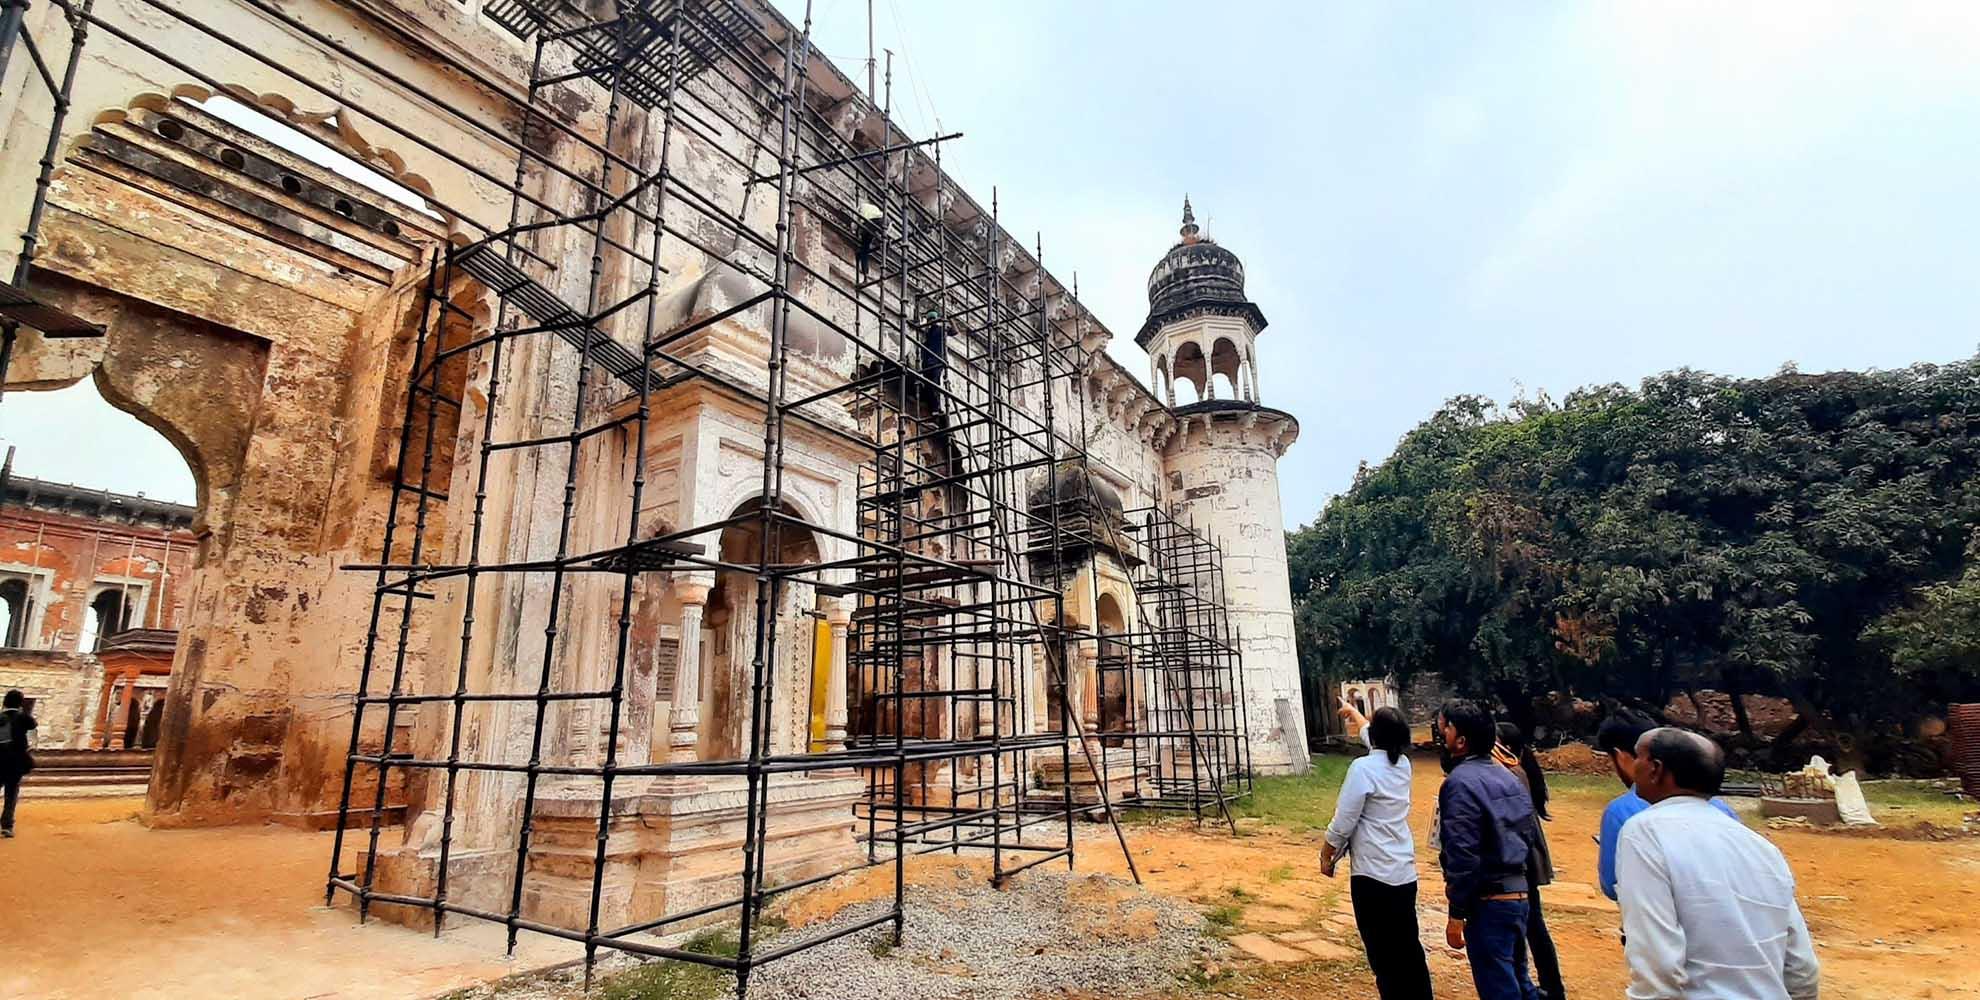 El Palacio Govindgarth Fort forma parte del patrimonio cultural de la India.